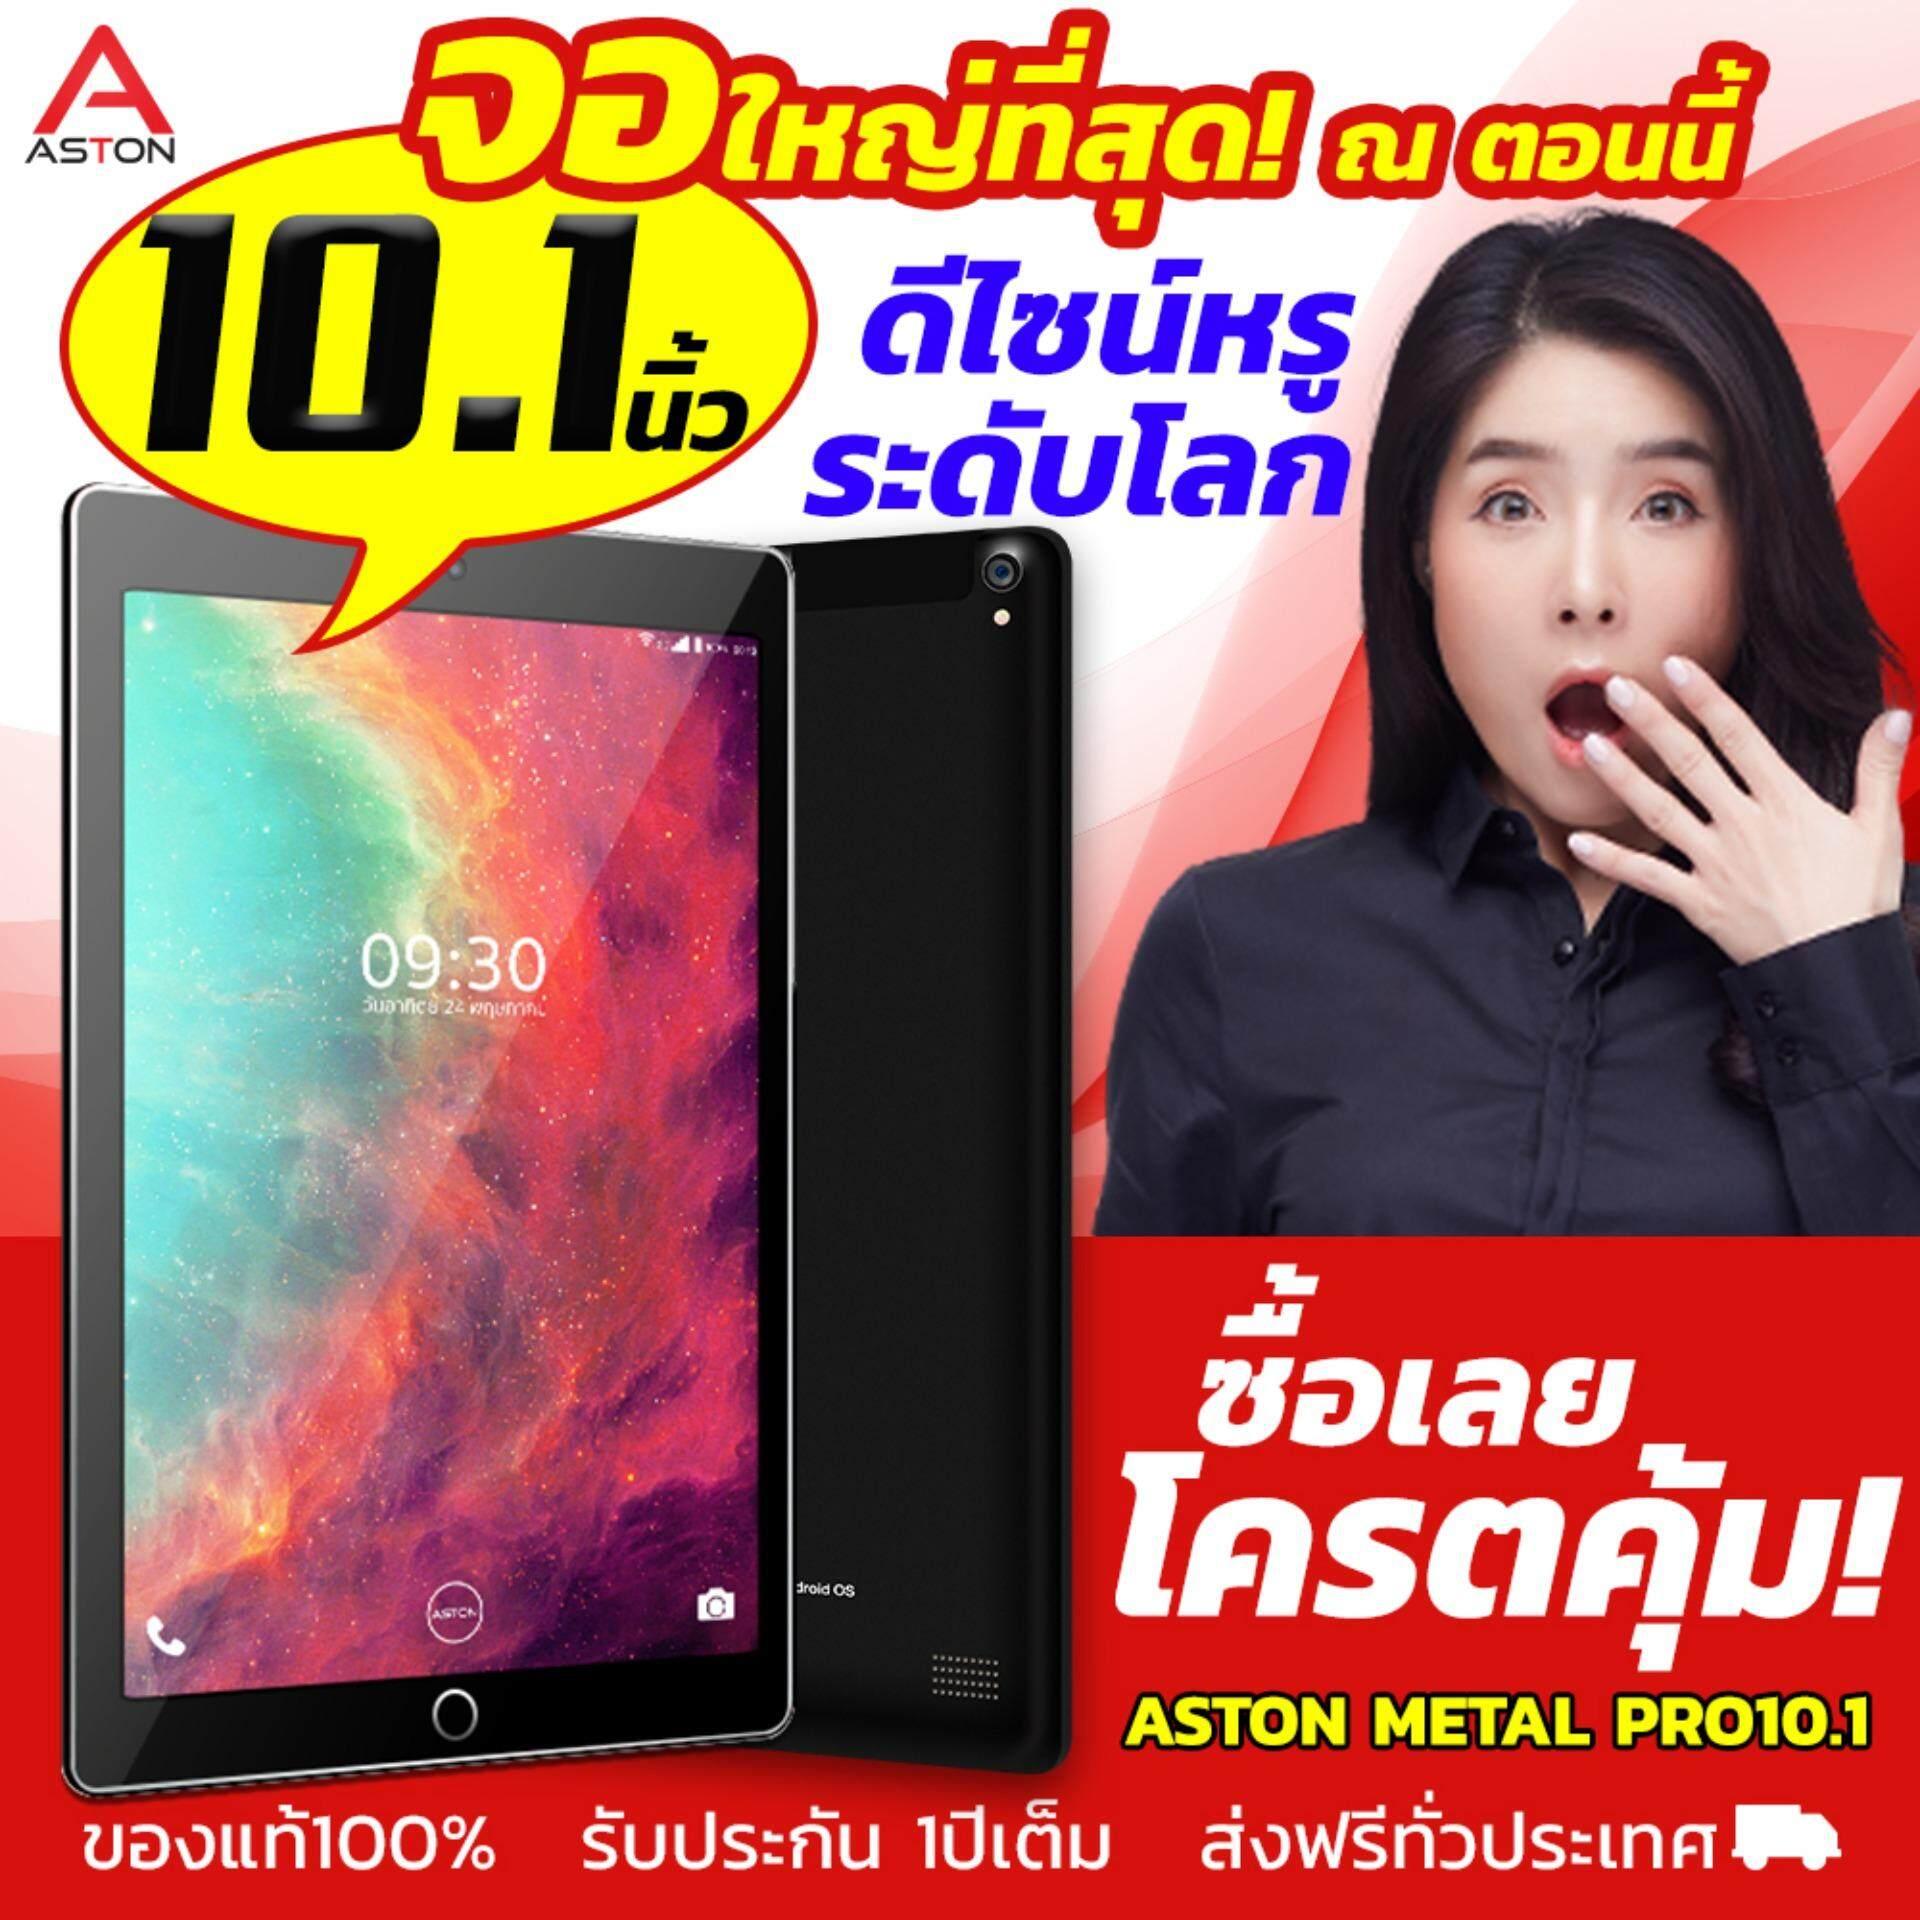 ASTON TABLET METAL Pro 10.1 ใหม่! จาก ASTON ใส่ซิมเล่นเนตได้ โทรได้ จอใหญ่ที่สุดในไทย ดีไซน์หรูระดับโลก พร้อมโหมดการใช้งานสำหรับเด็ก แถมฟรี! ซิลิโคนเคส และชุดอุปกรณ์เสริม รวมมูลค่ากว่า 990 บาท